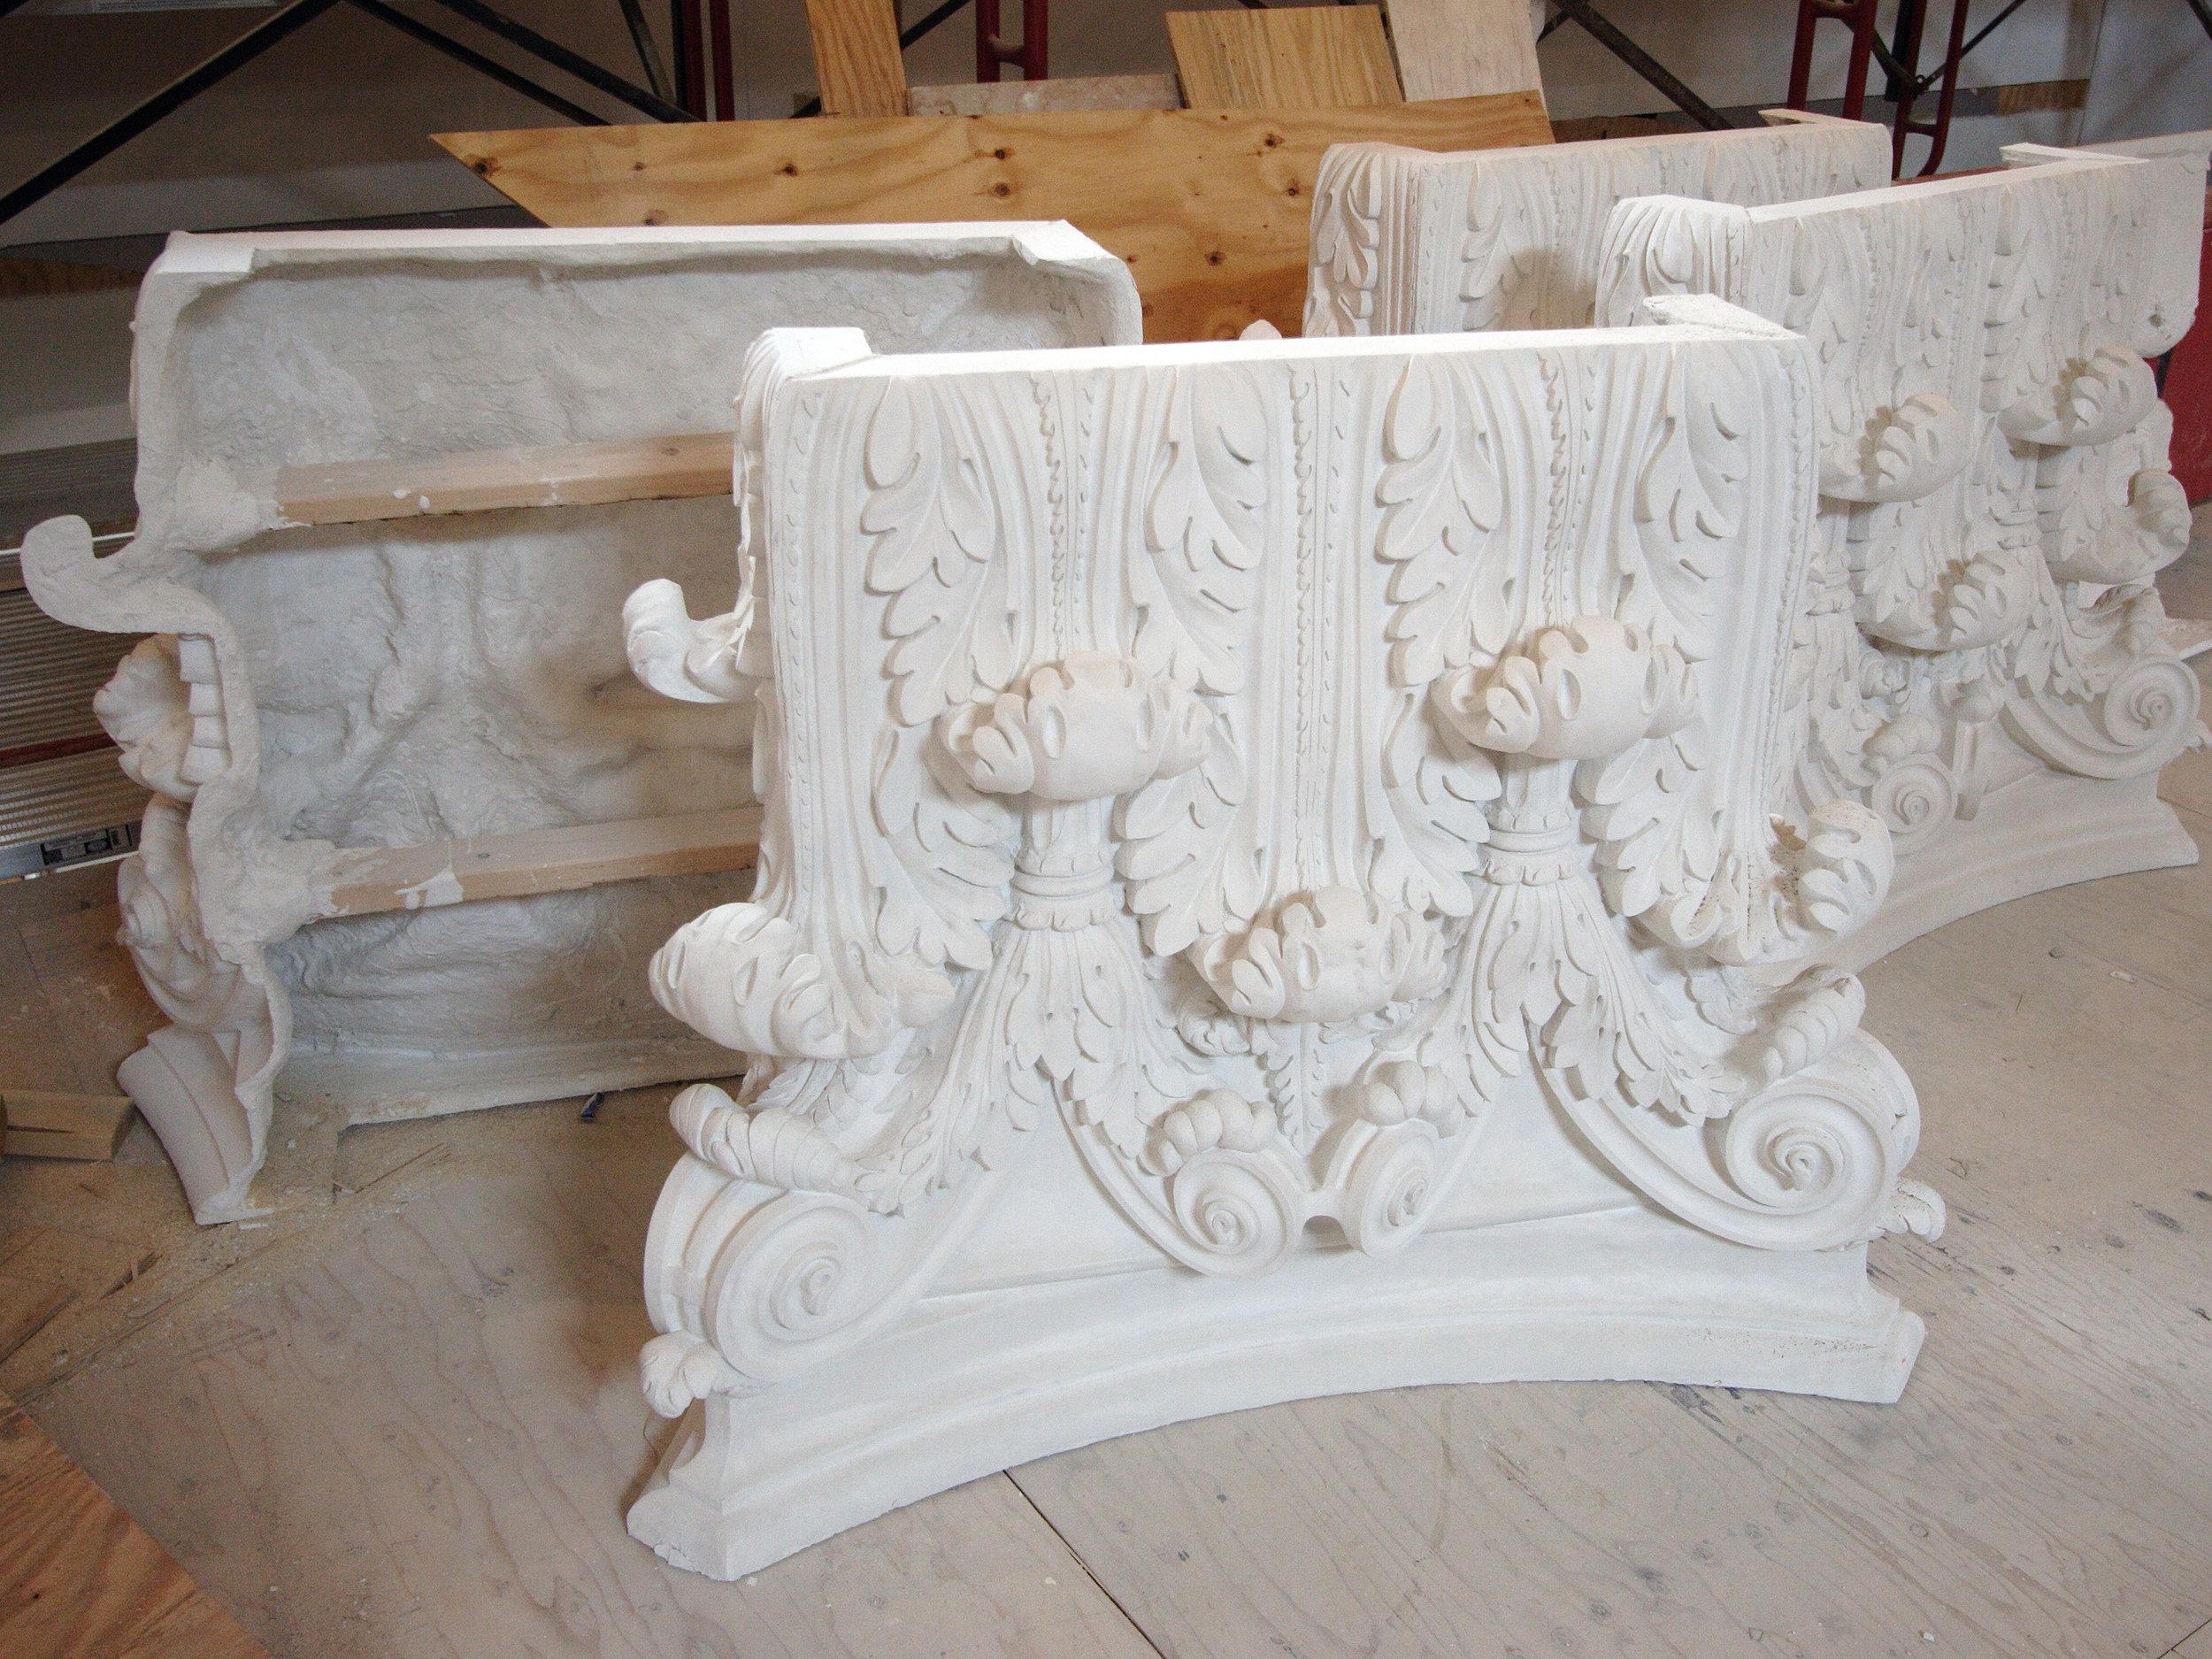 OLG-plaster-cast.jpg